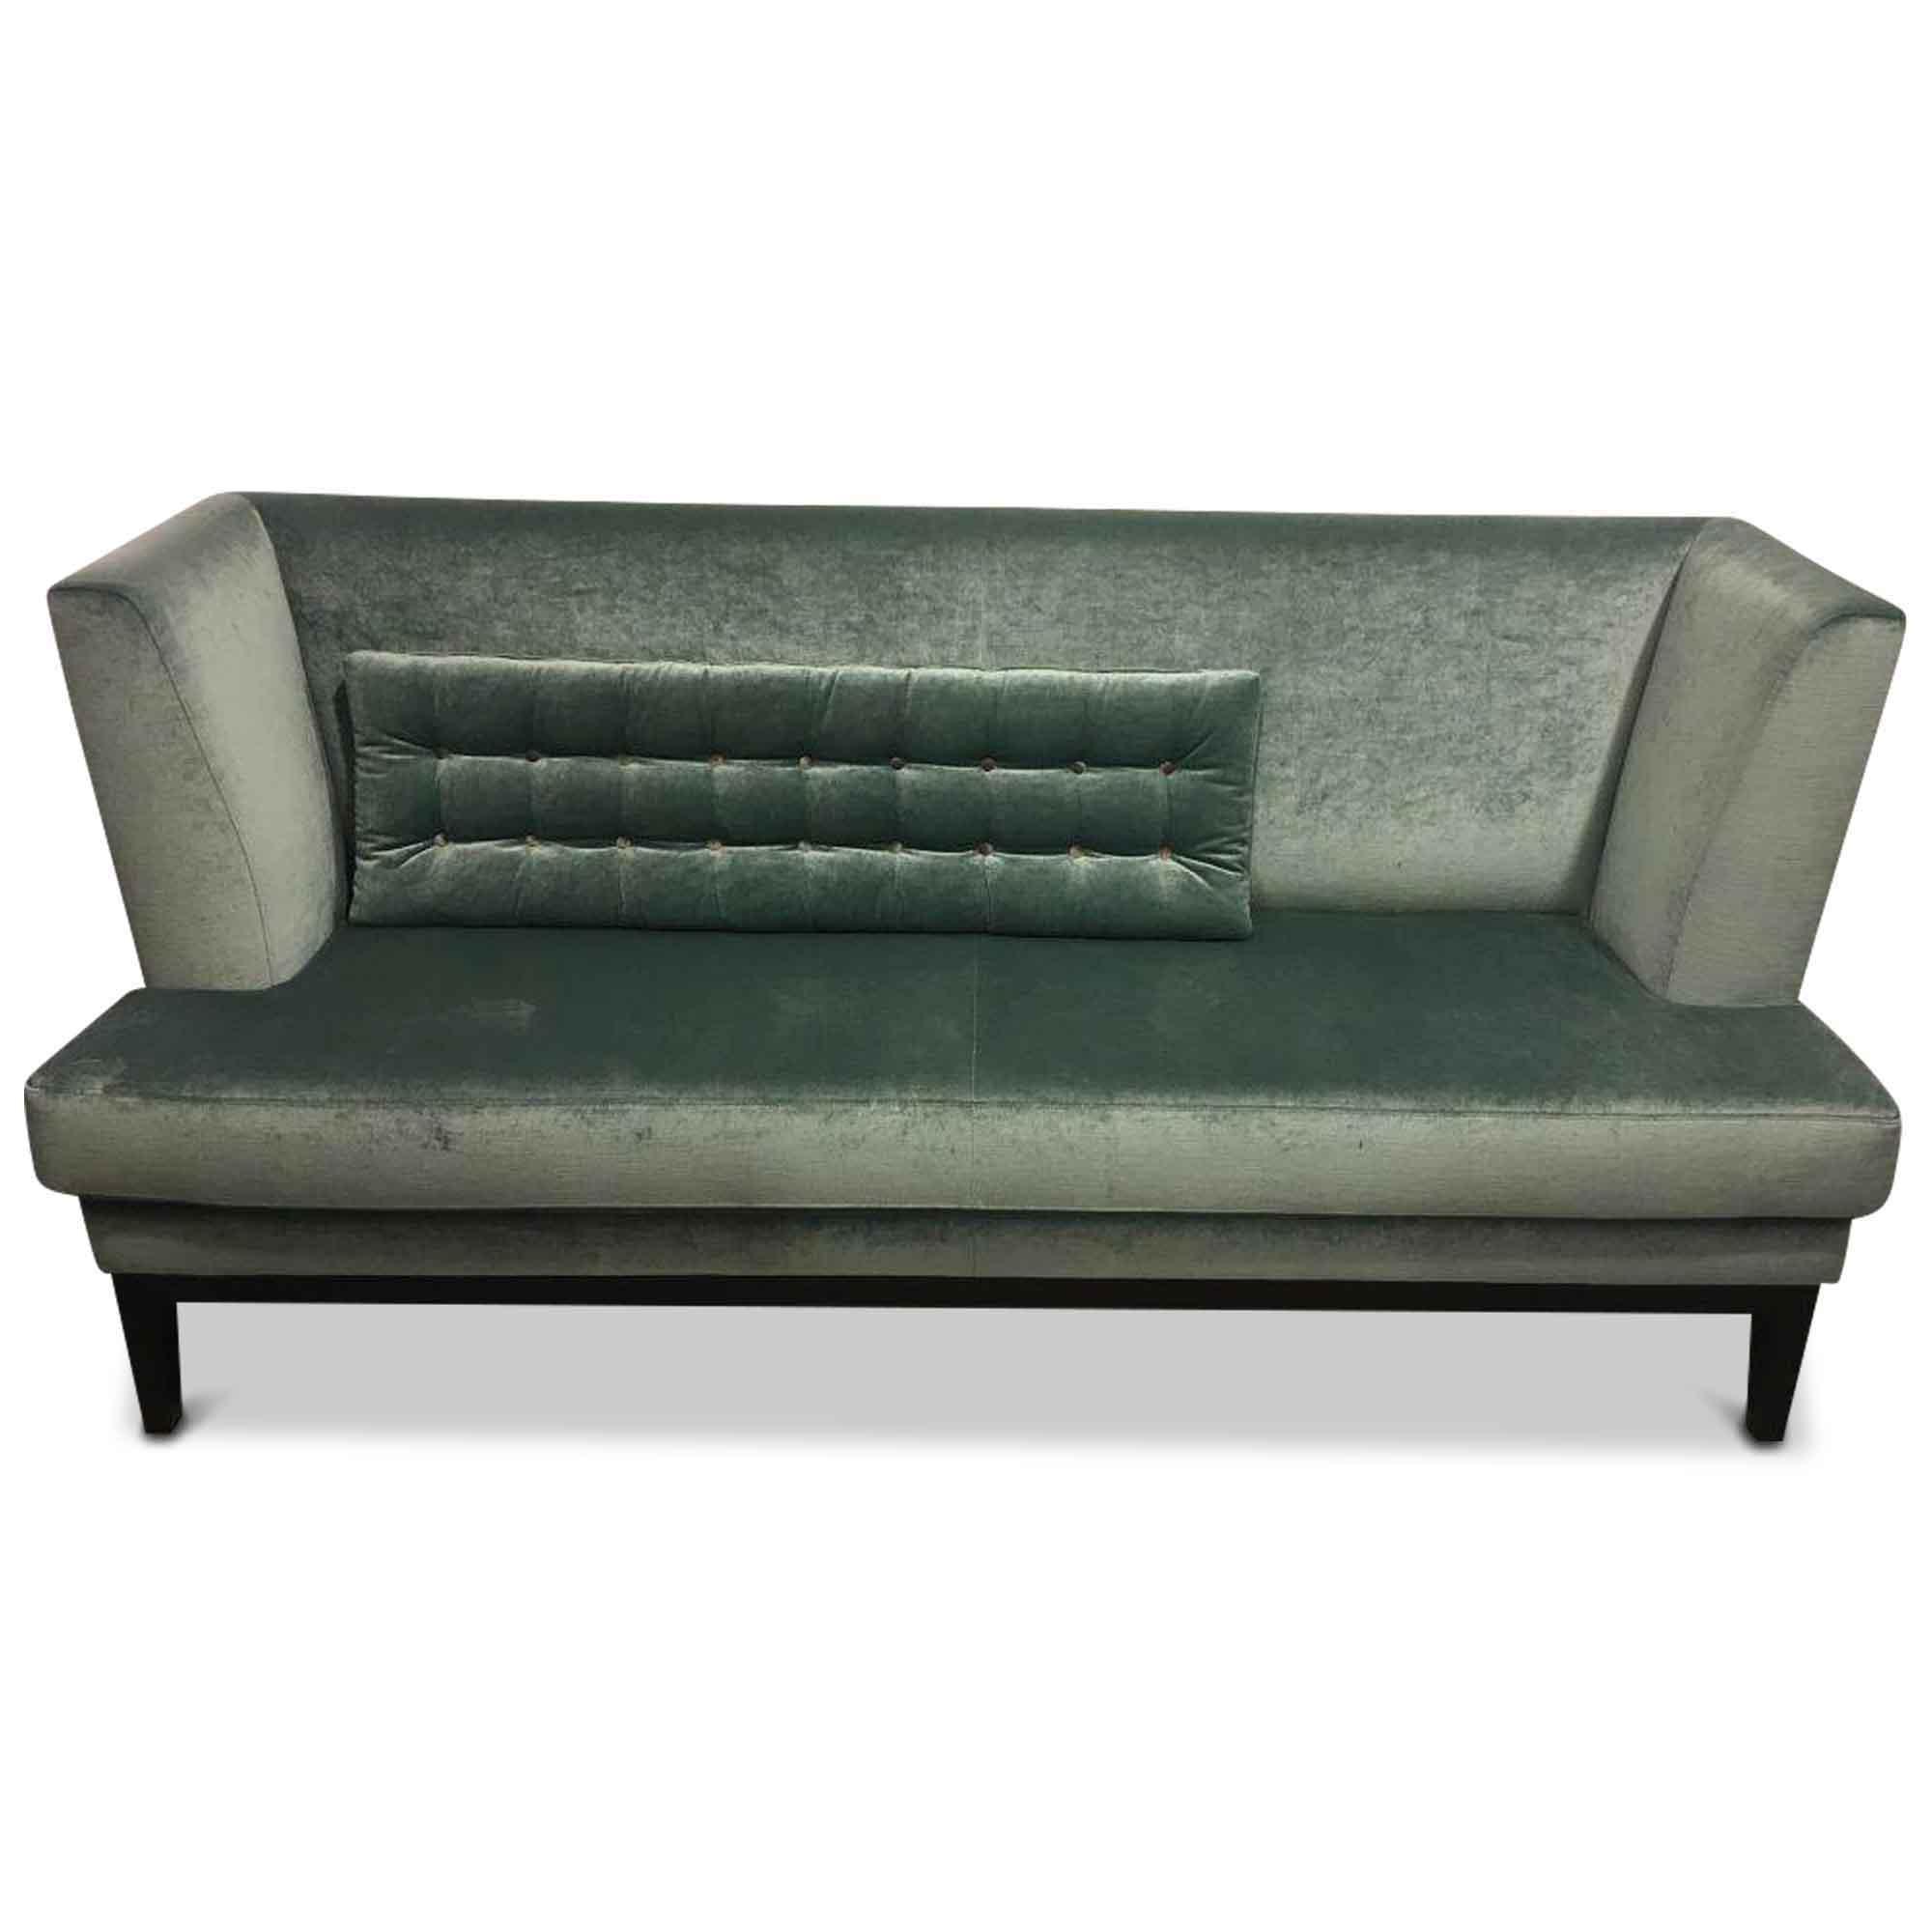 bielefelder werkst tten designer sofa polo stoff holz blau. Black Bedroom Furniture Sets. Home Design Ideas